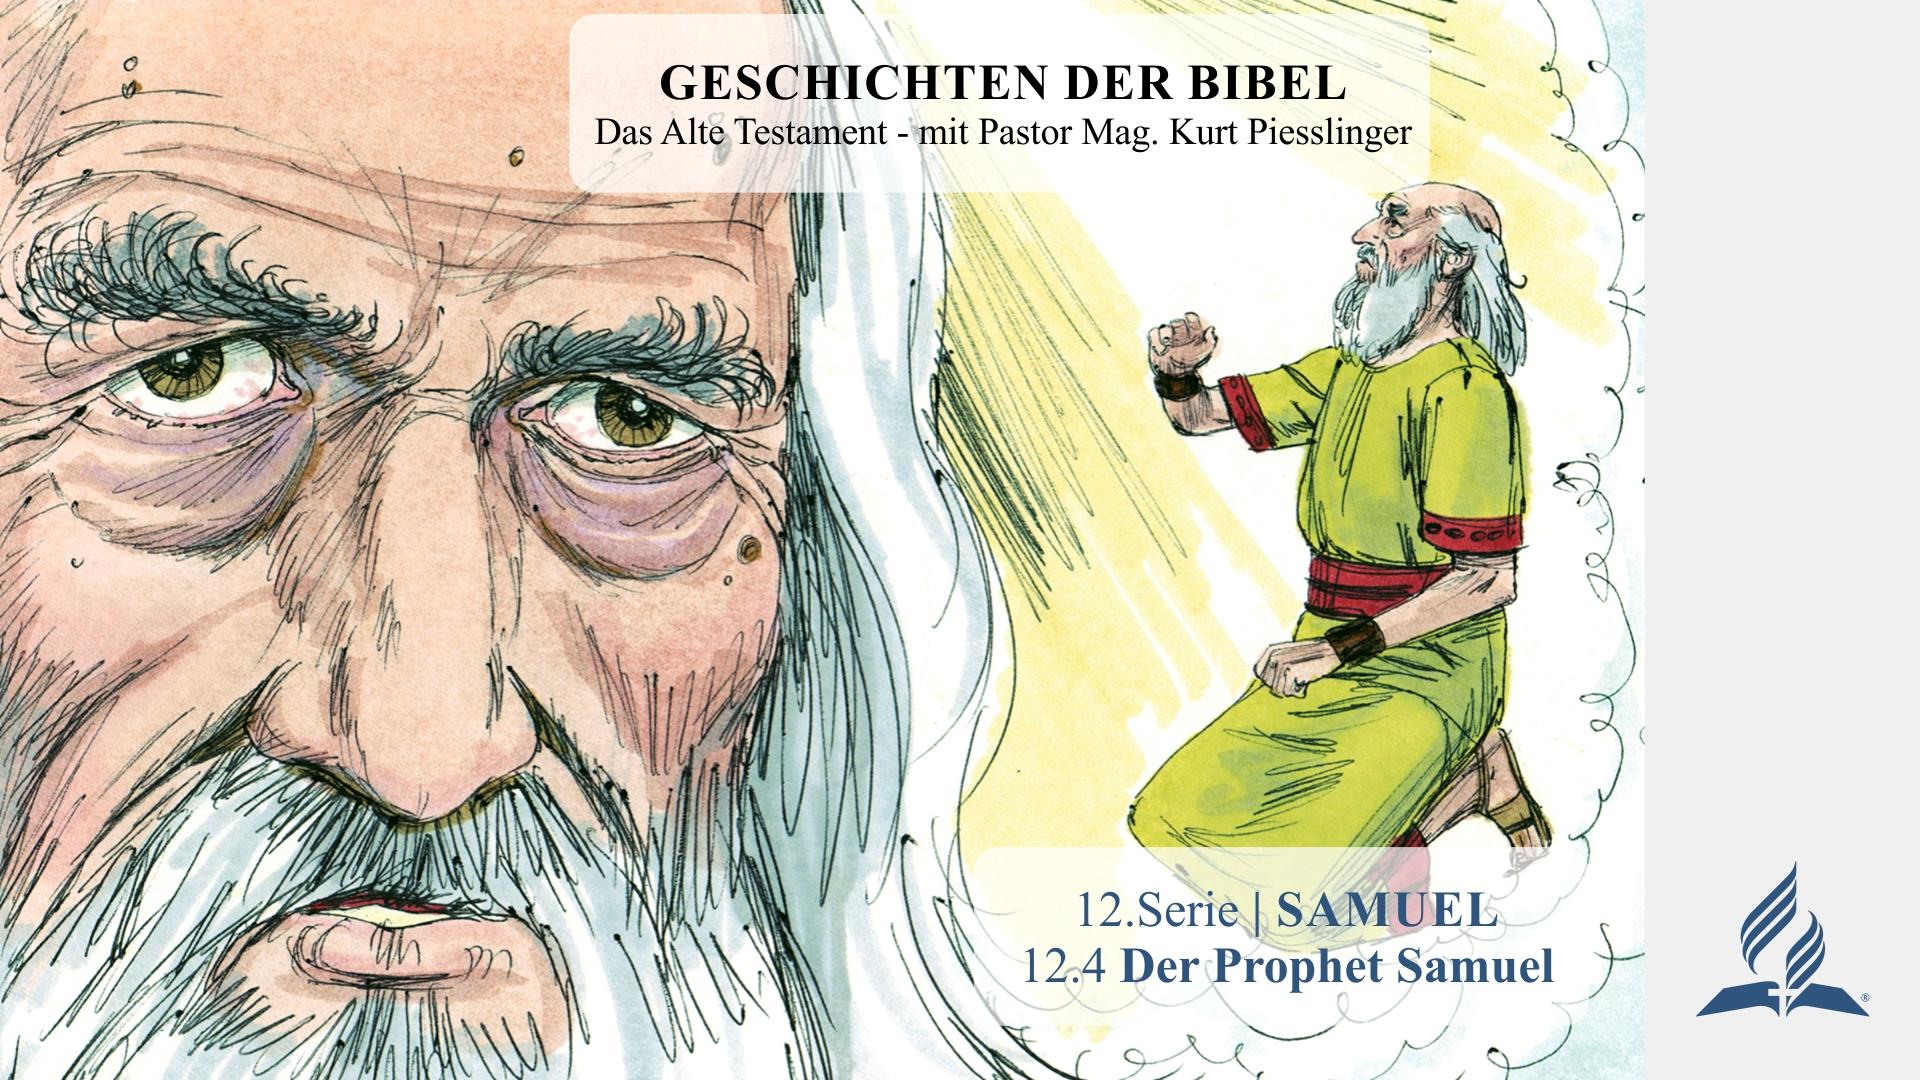 12.4 Der Prophet Samuel x